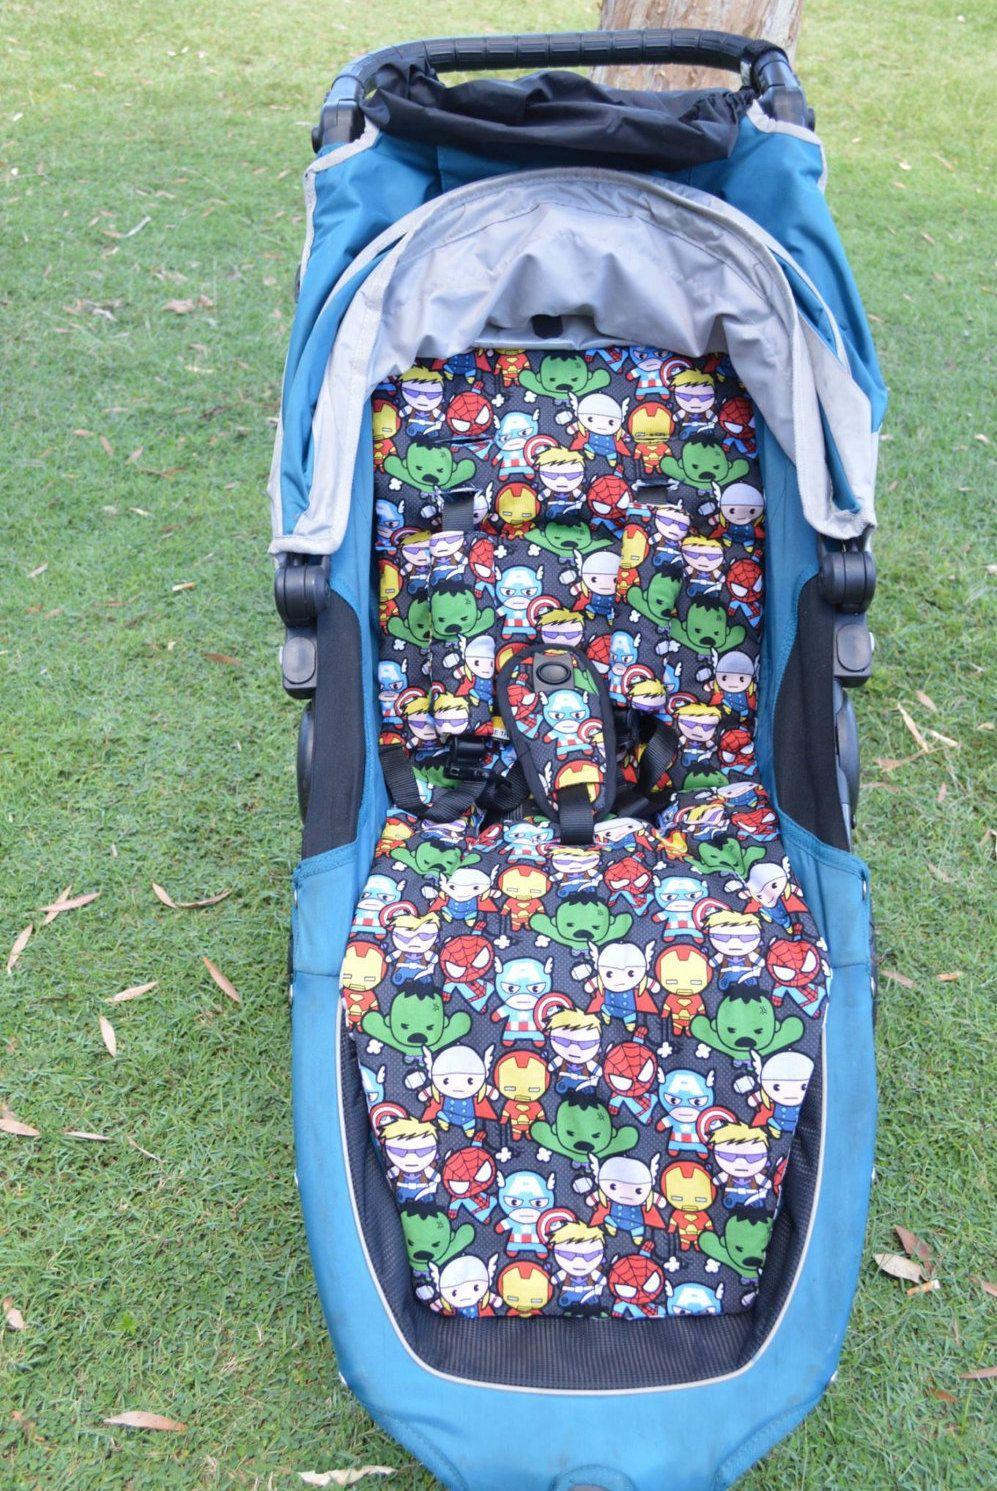 36+ City mini stroller accessories info